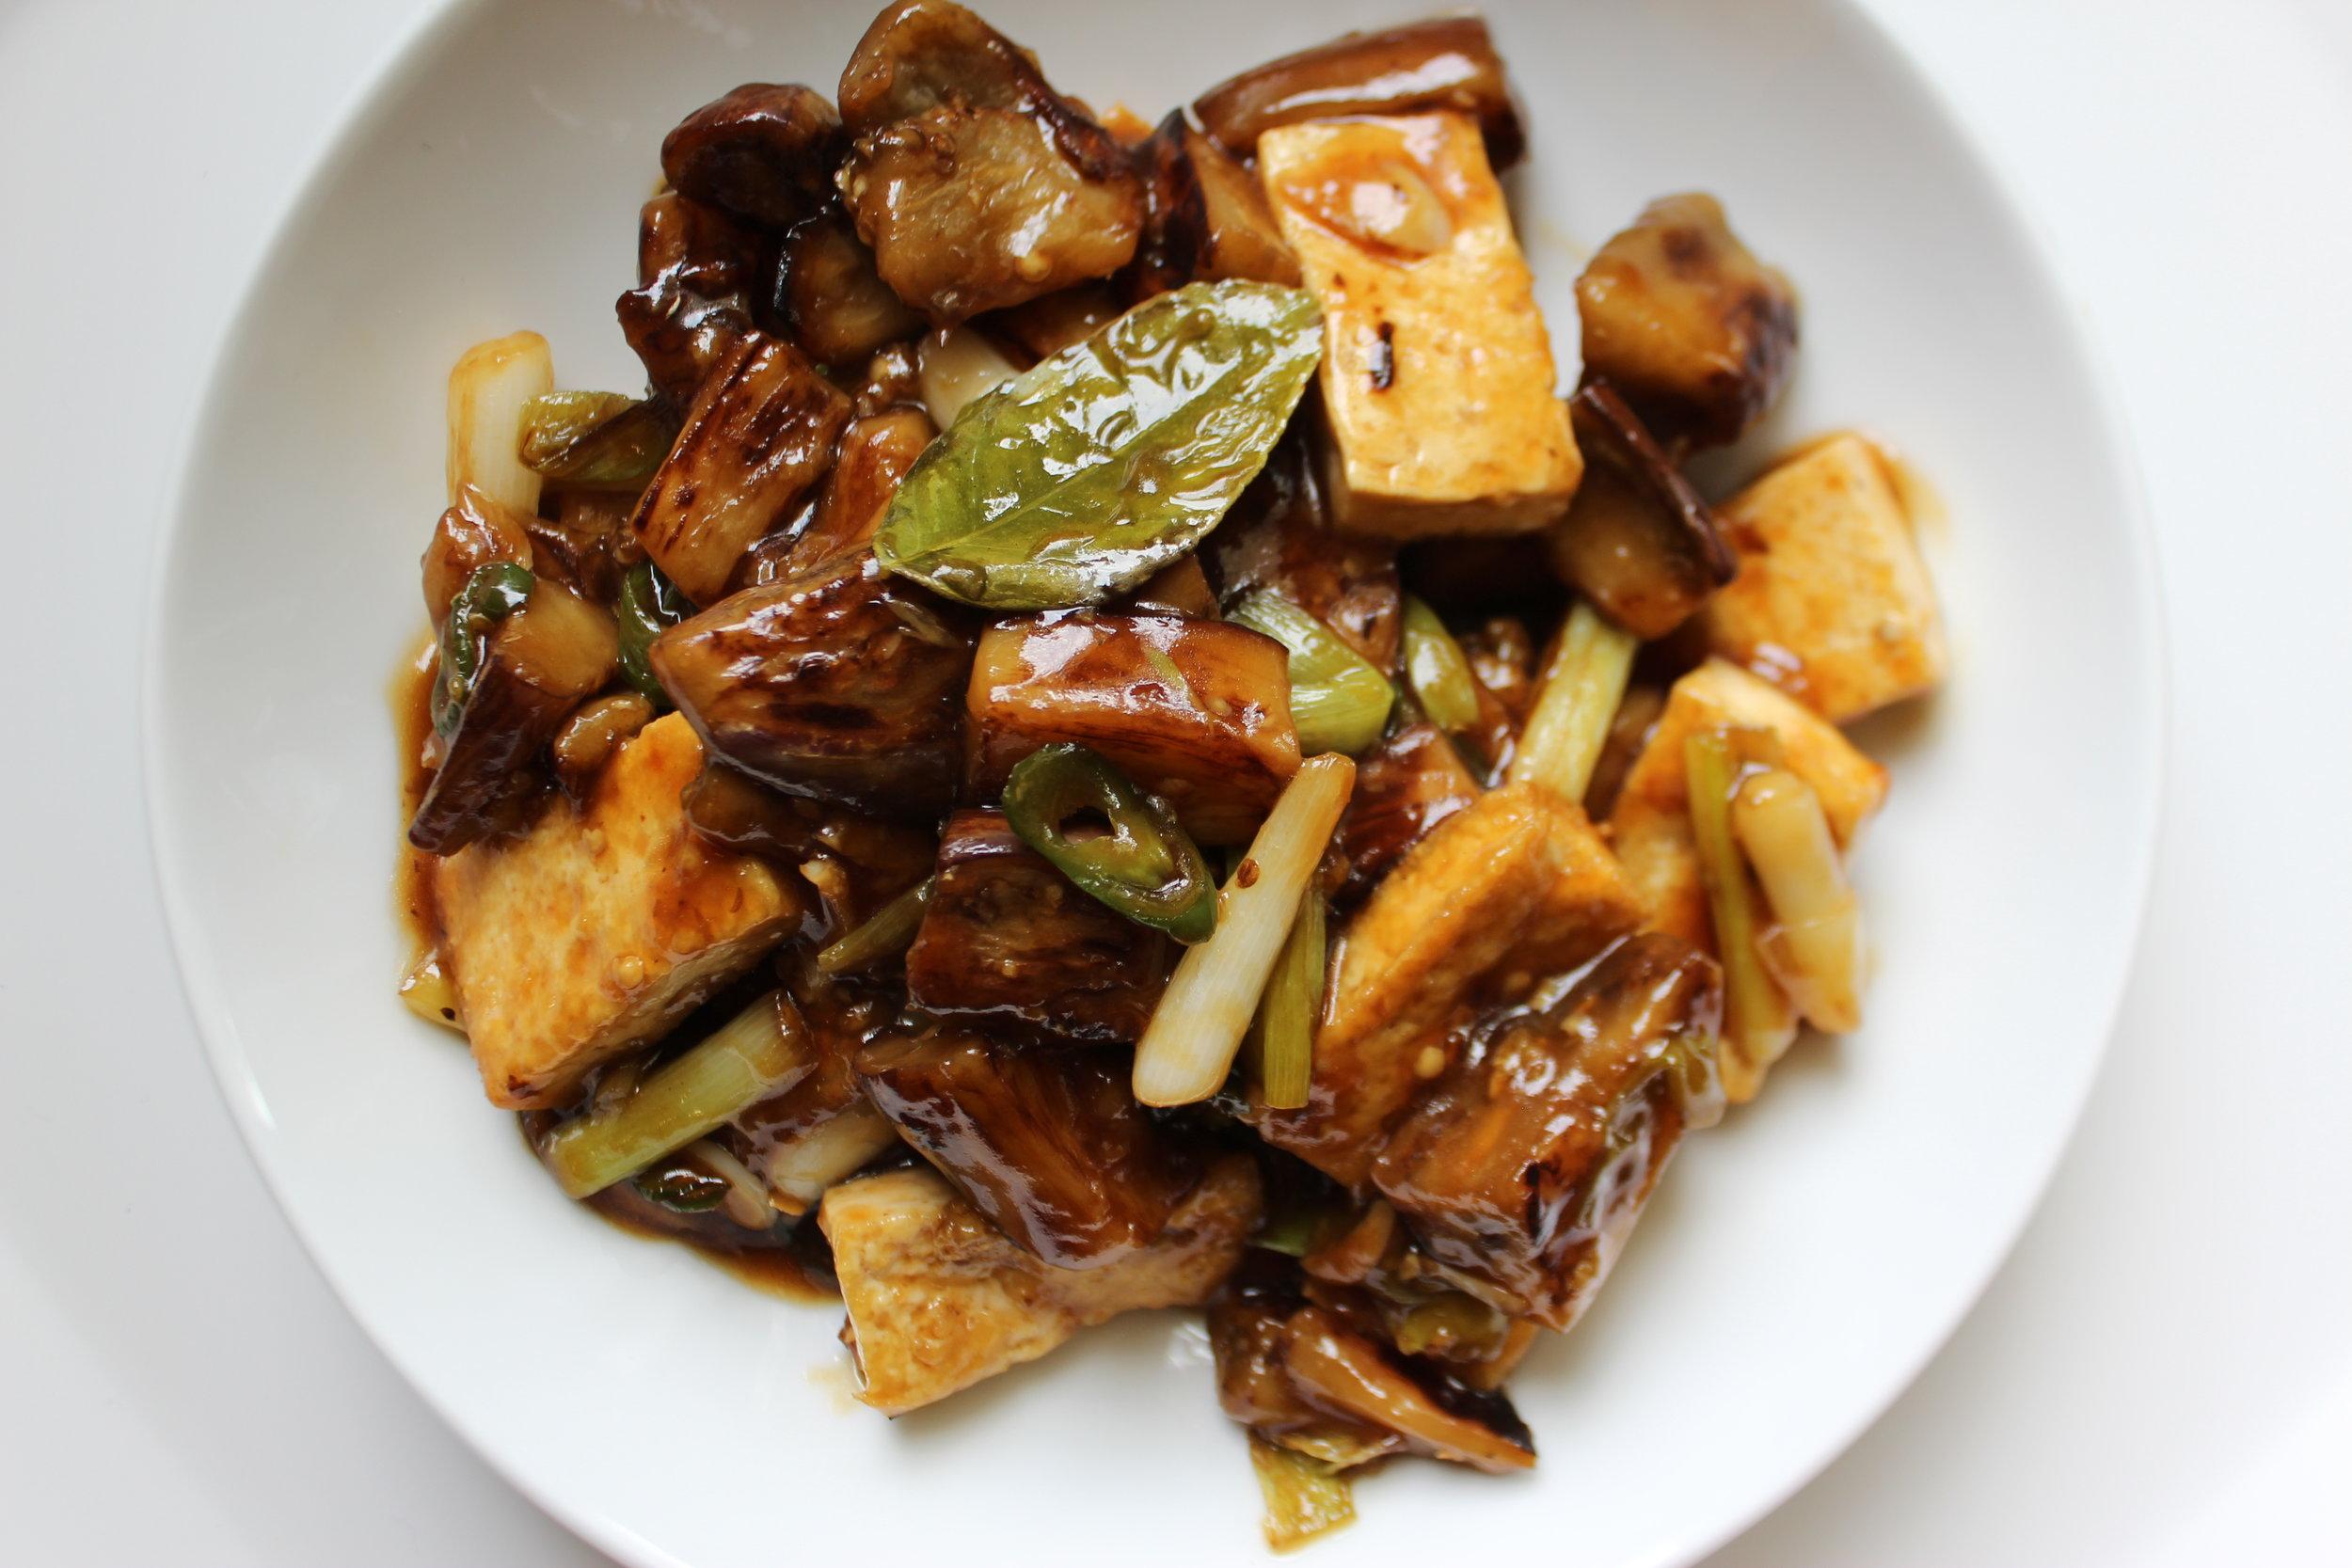 Fried Eggplant and Tofu with Garlic Kaffir Lime Leaf Sace